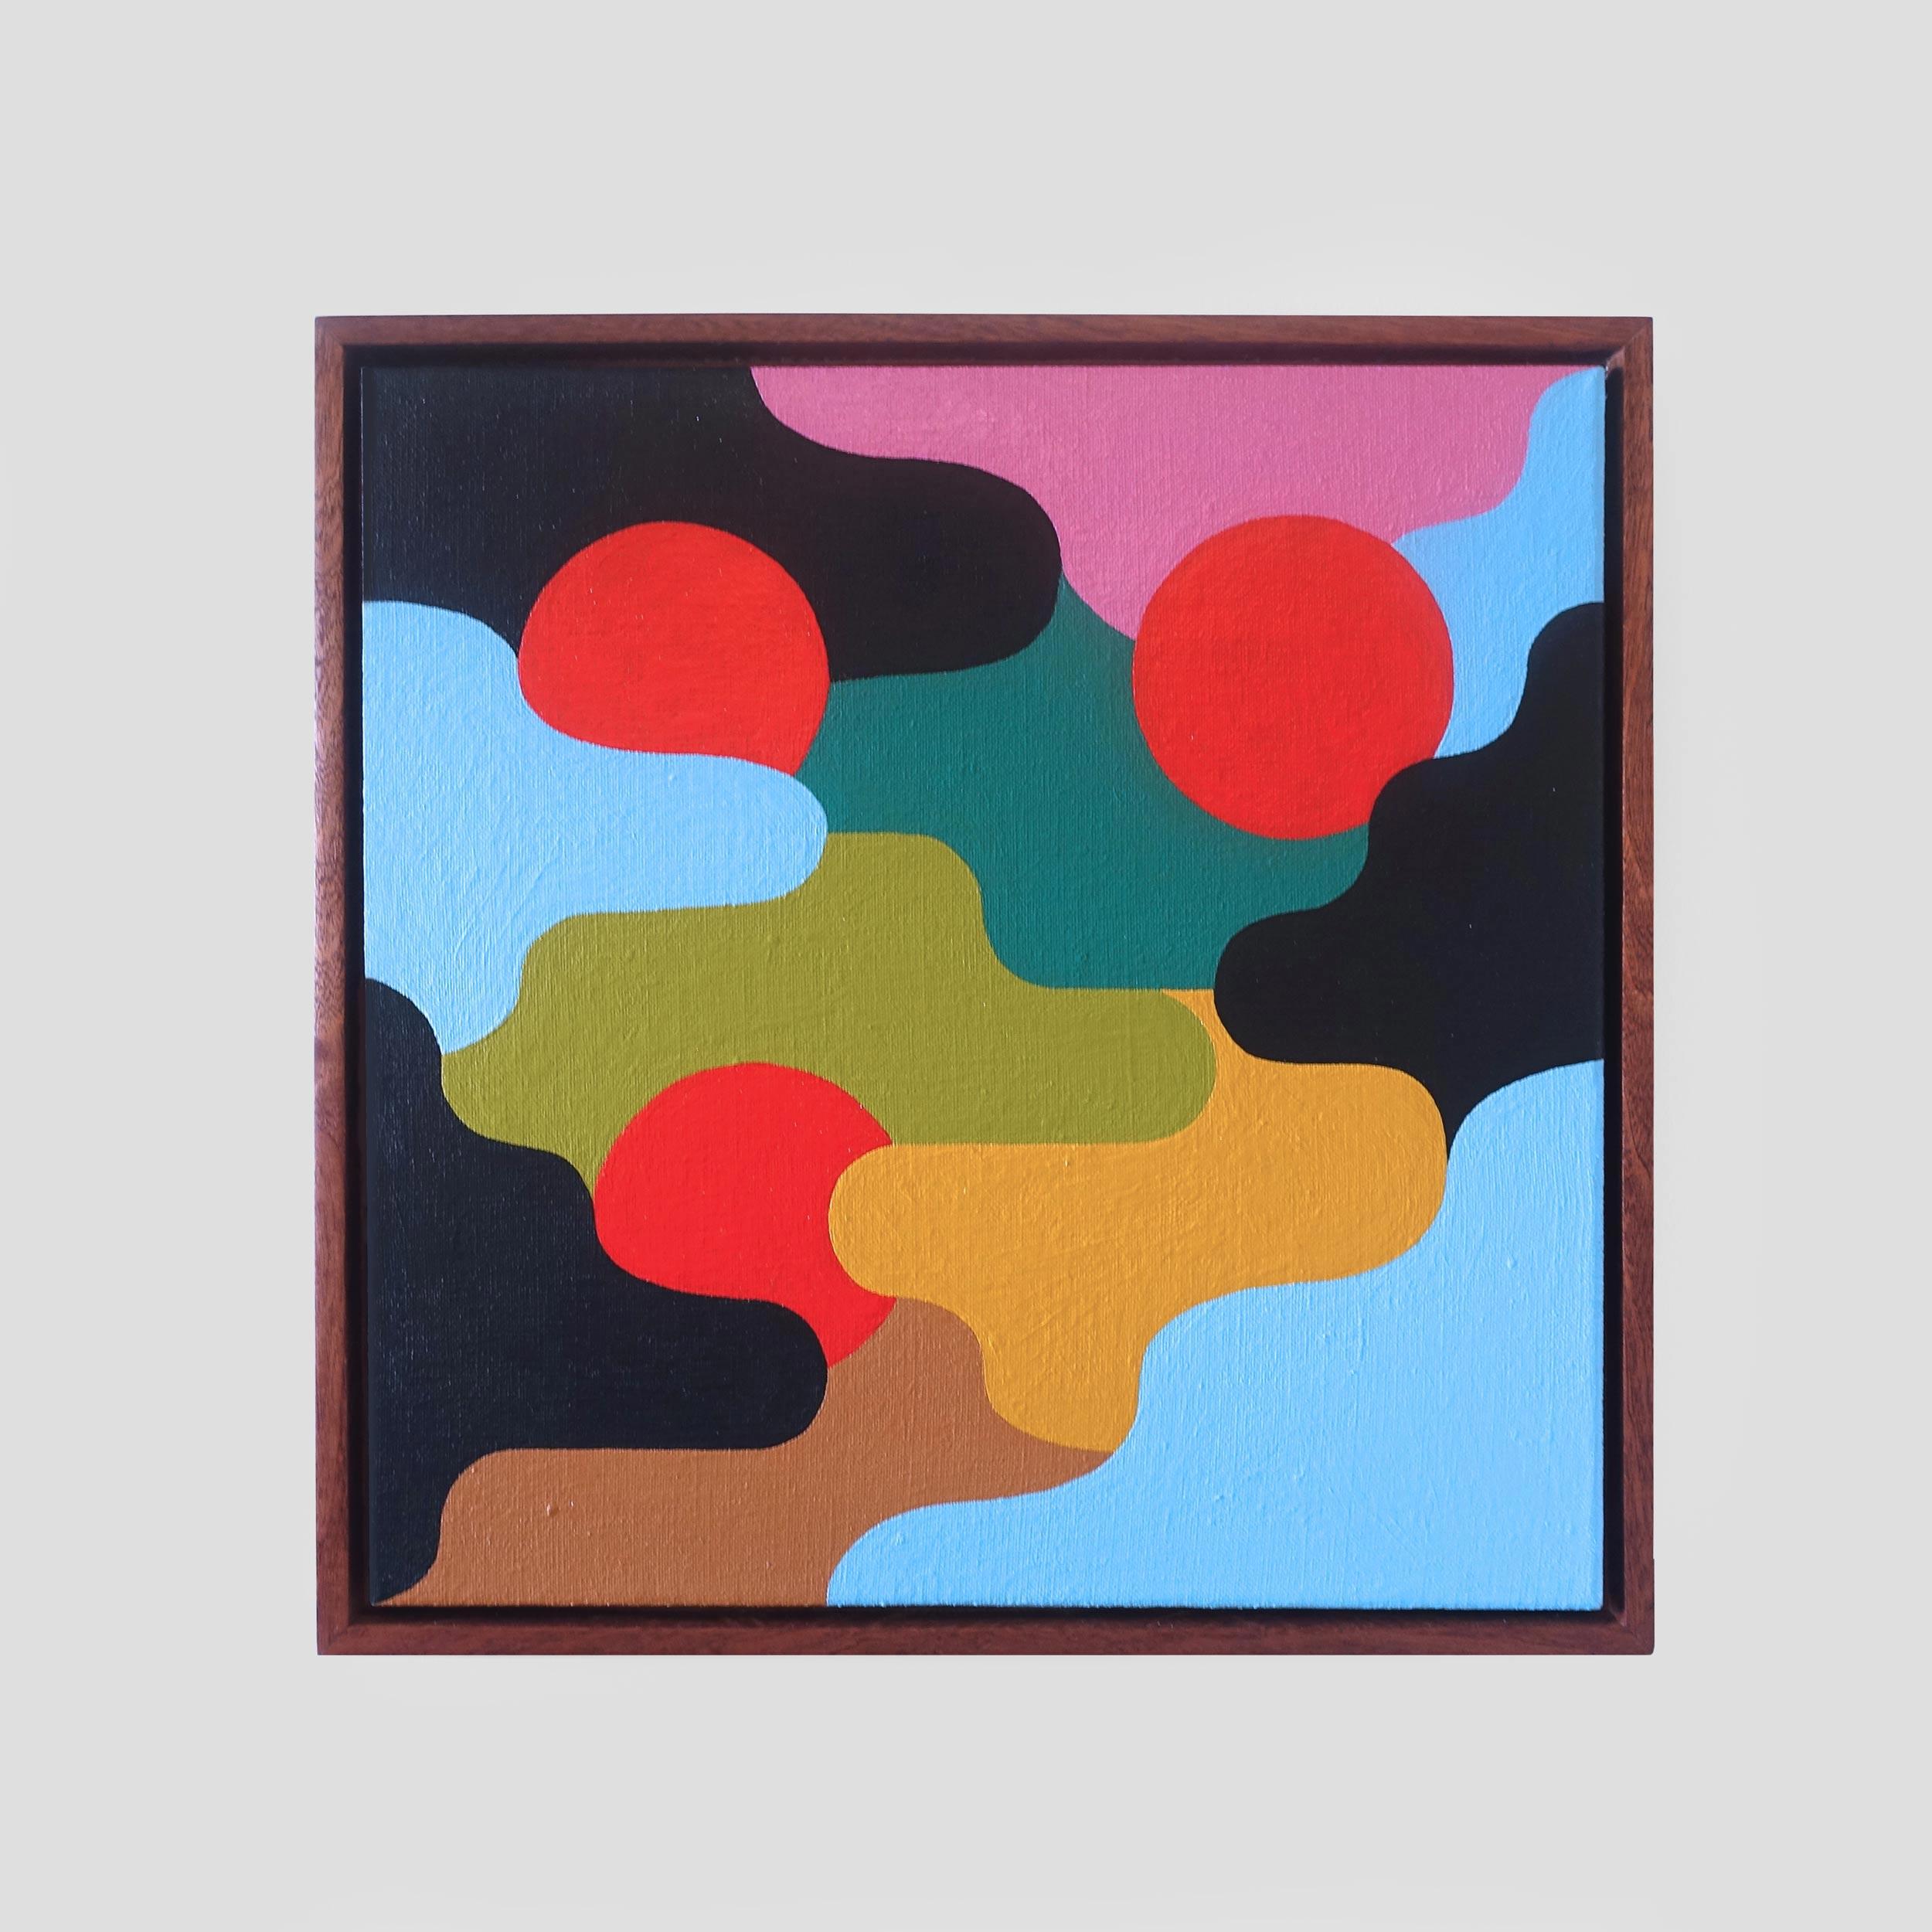 square-composition-no.-8-by-sam-smyth-www.sam-smyth.com.jpg